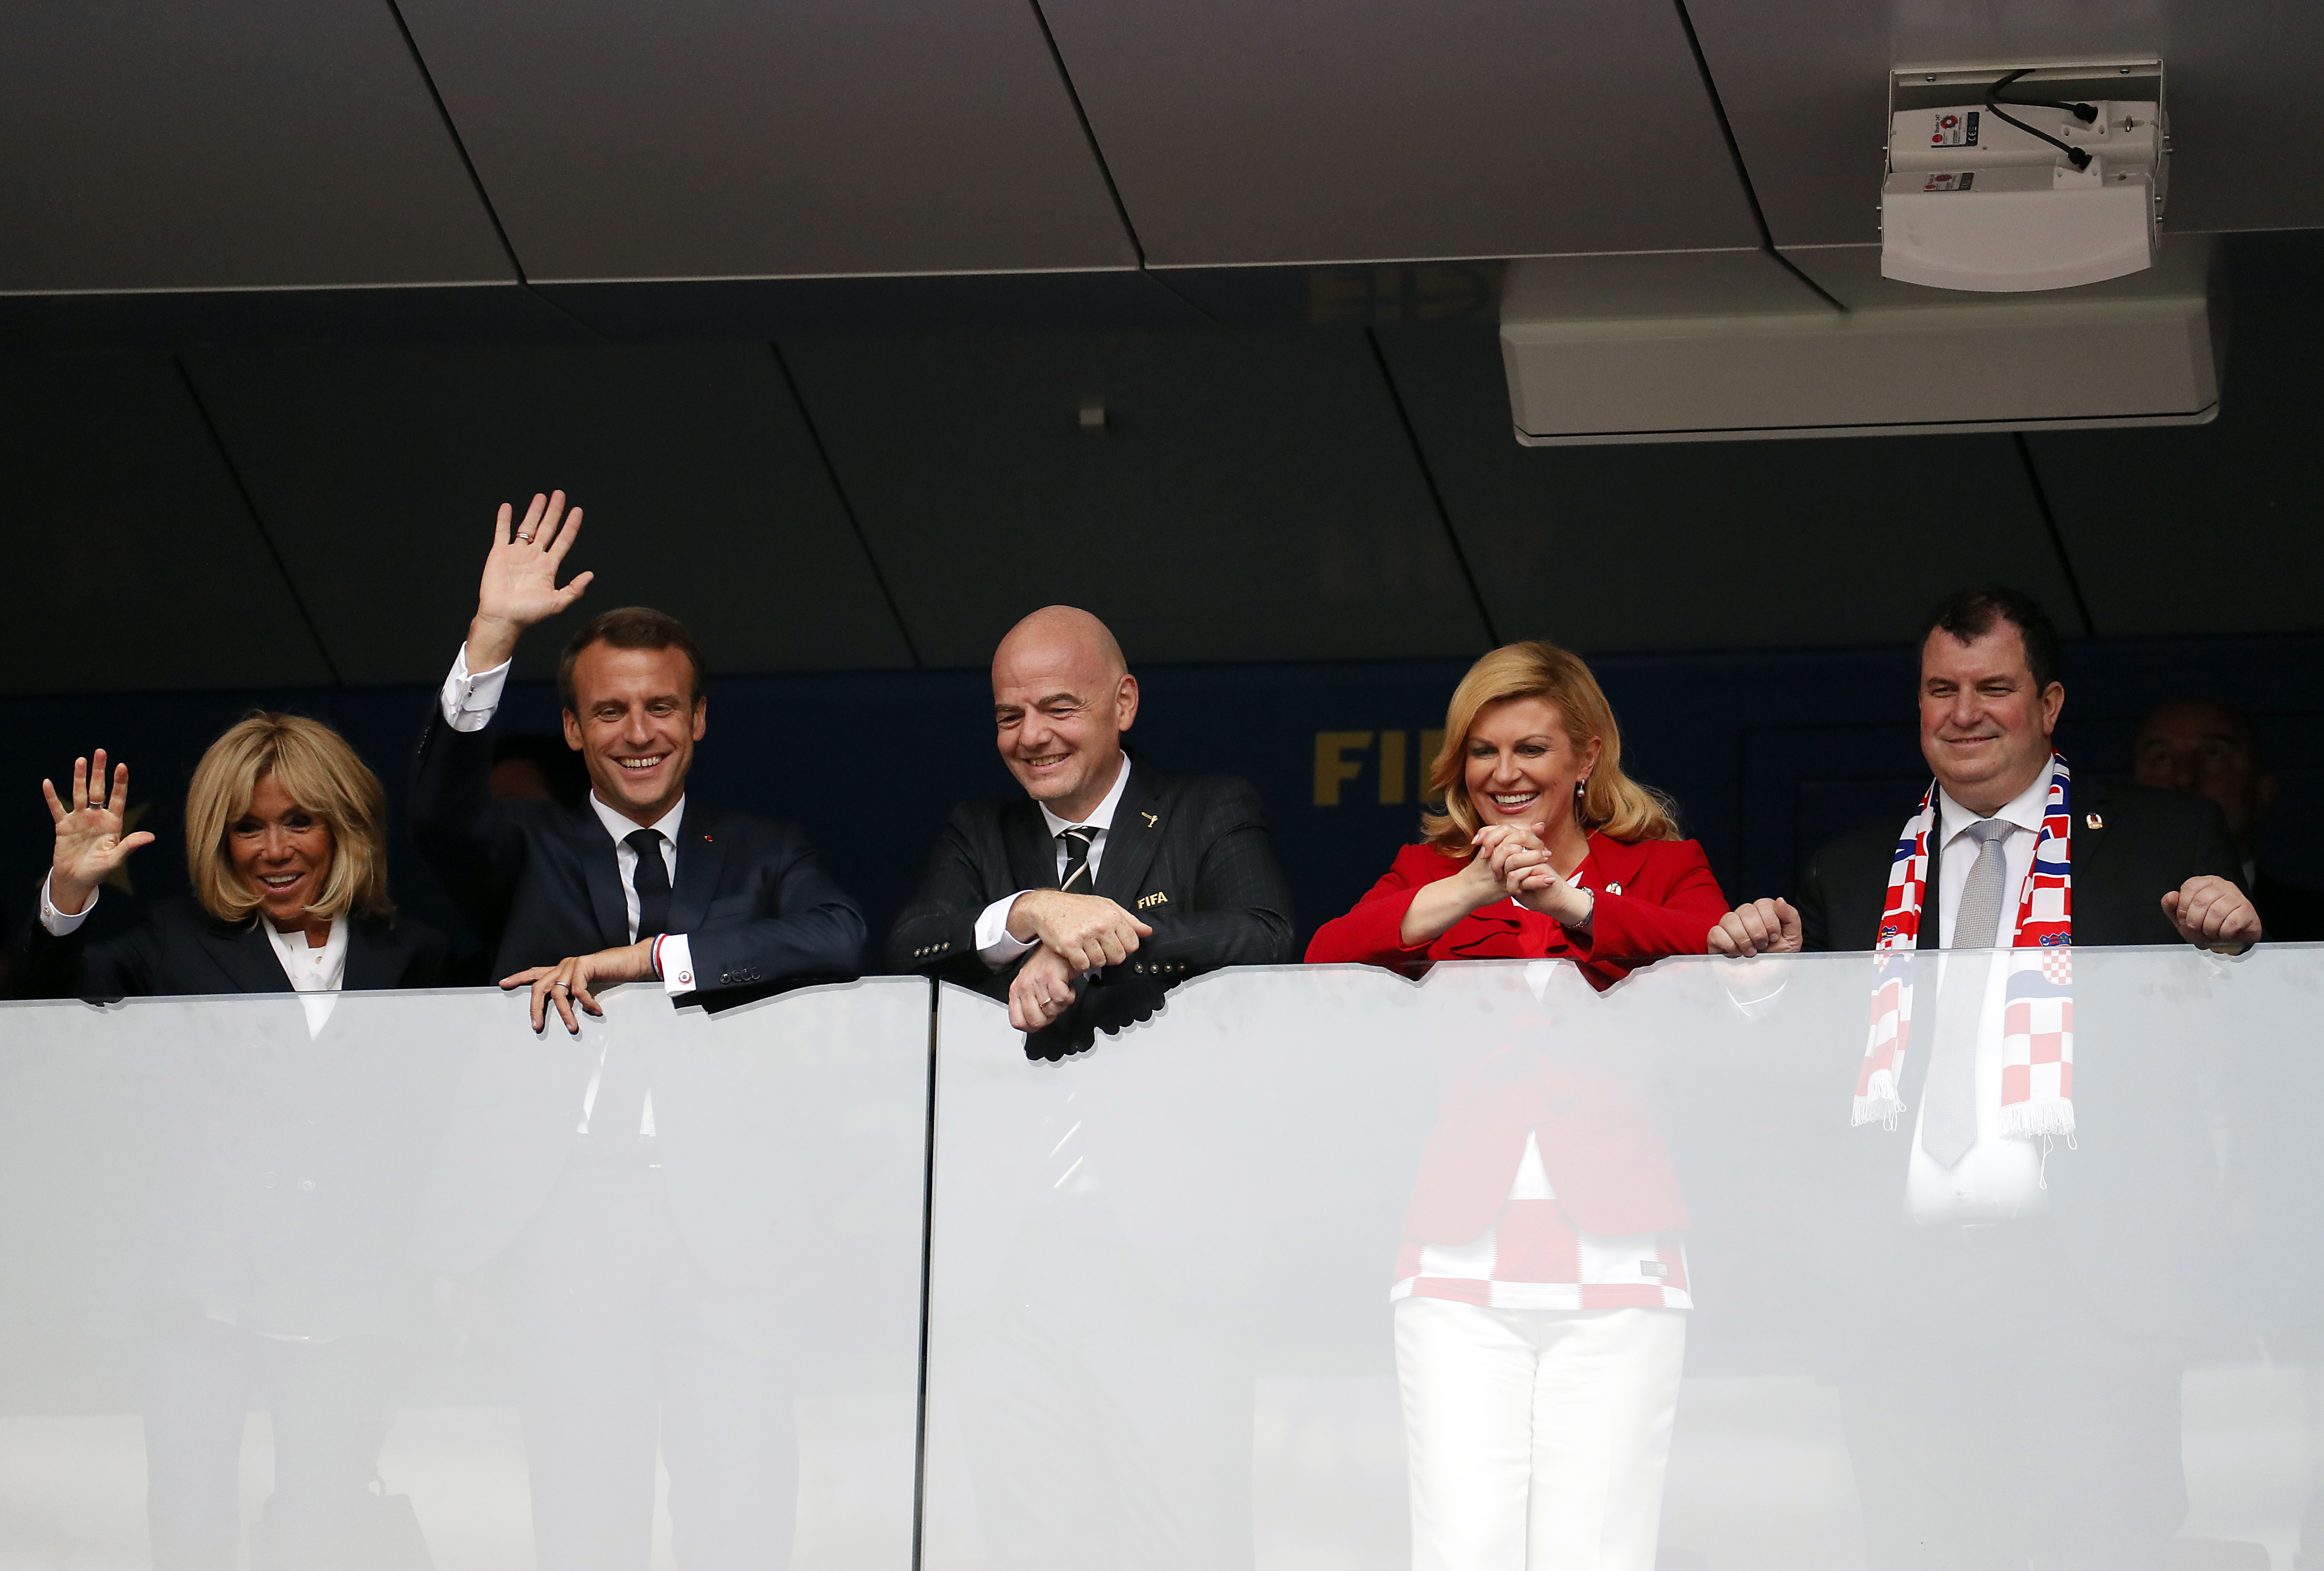 """Макрон и хърватската президентка Колинда Грабар-Китарович останаха под дъжда и се измокриха до кости, докато руският президент Владимир Путин бе удобно покрит с чадър. Изданията в Европа пишат, че двамата са спечелили симпатиите по време на тази невероятна сцена. Хърватската президентка е запазила търпението си и усмивката си и е продължила да поздравява и прегръща футболистите въпреки проливния дъжд. Подобна е била и реакцията на Макрон, за когото изданията на шега пишат, че и той като националите е """"намокрил фланелката си"""". Коментатори пък критикуват Путин за проява на неелегатност точно в този момент и смятат, че той е трябвало бързо да отиде с чадъра до хърватската си колежка и да я предпази от дъжда."""